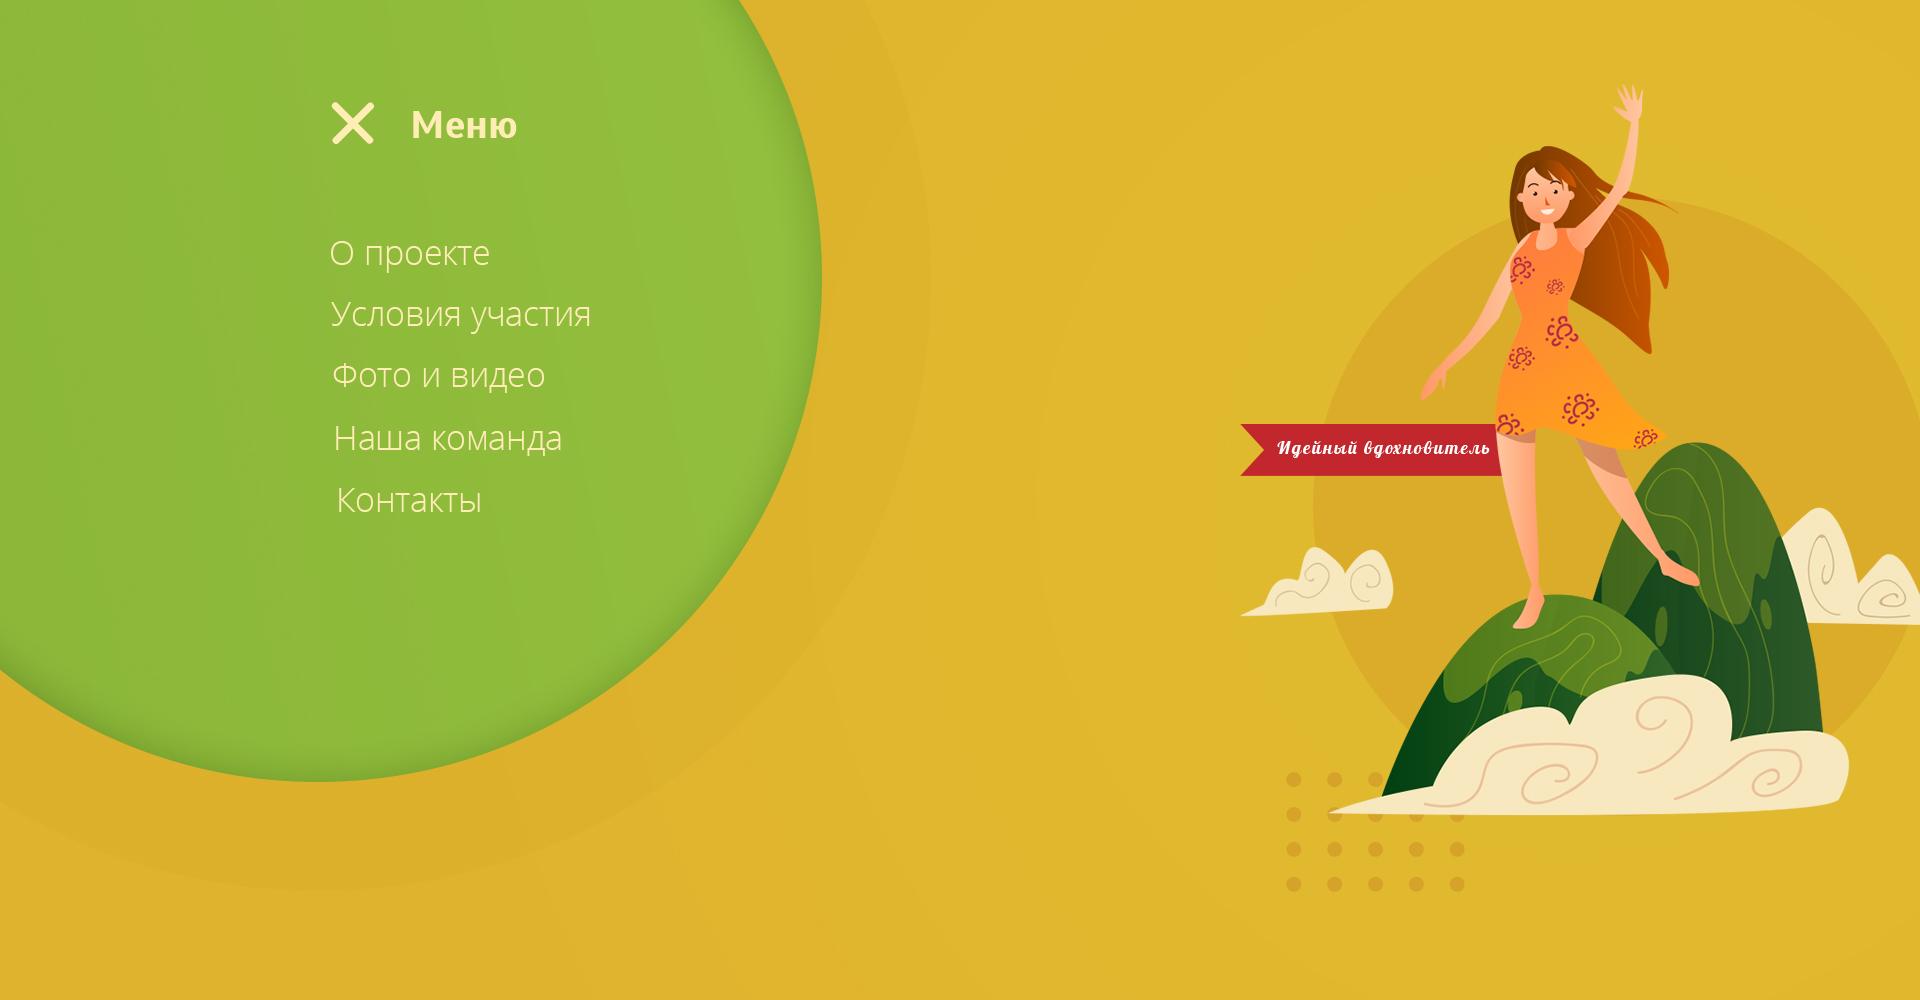 Креативный дизайн внутренней страницы портала для детей фото f_7365cfeb0e045514.jpg